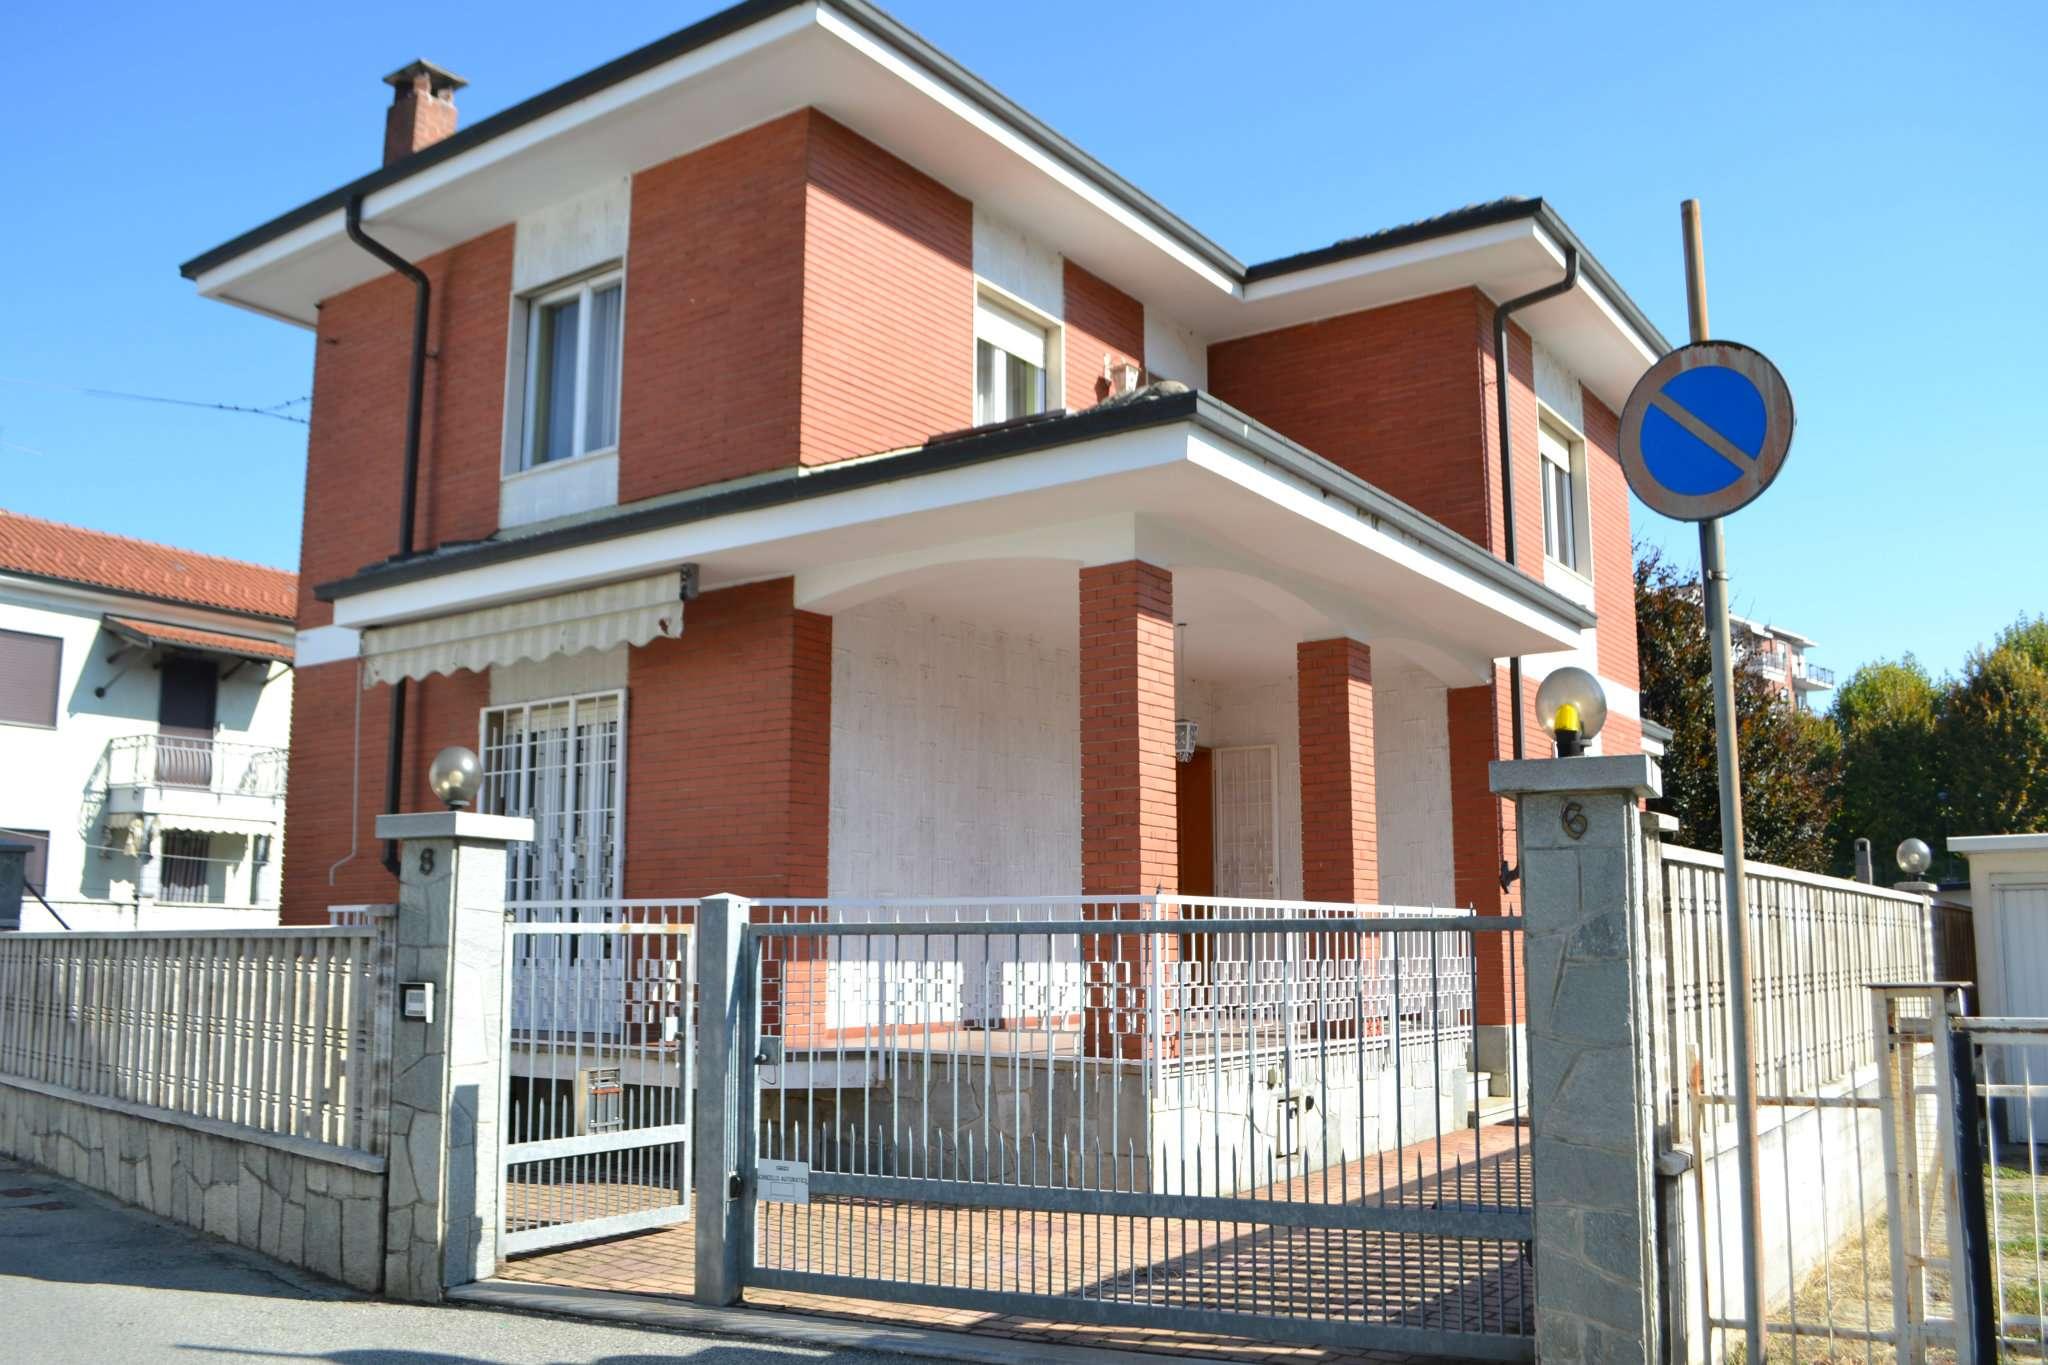 Soluzione Indipendente in vendita a Beinasco, 7 locali, prezzo € 395.000 | CambioCasa.it